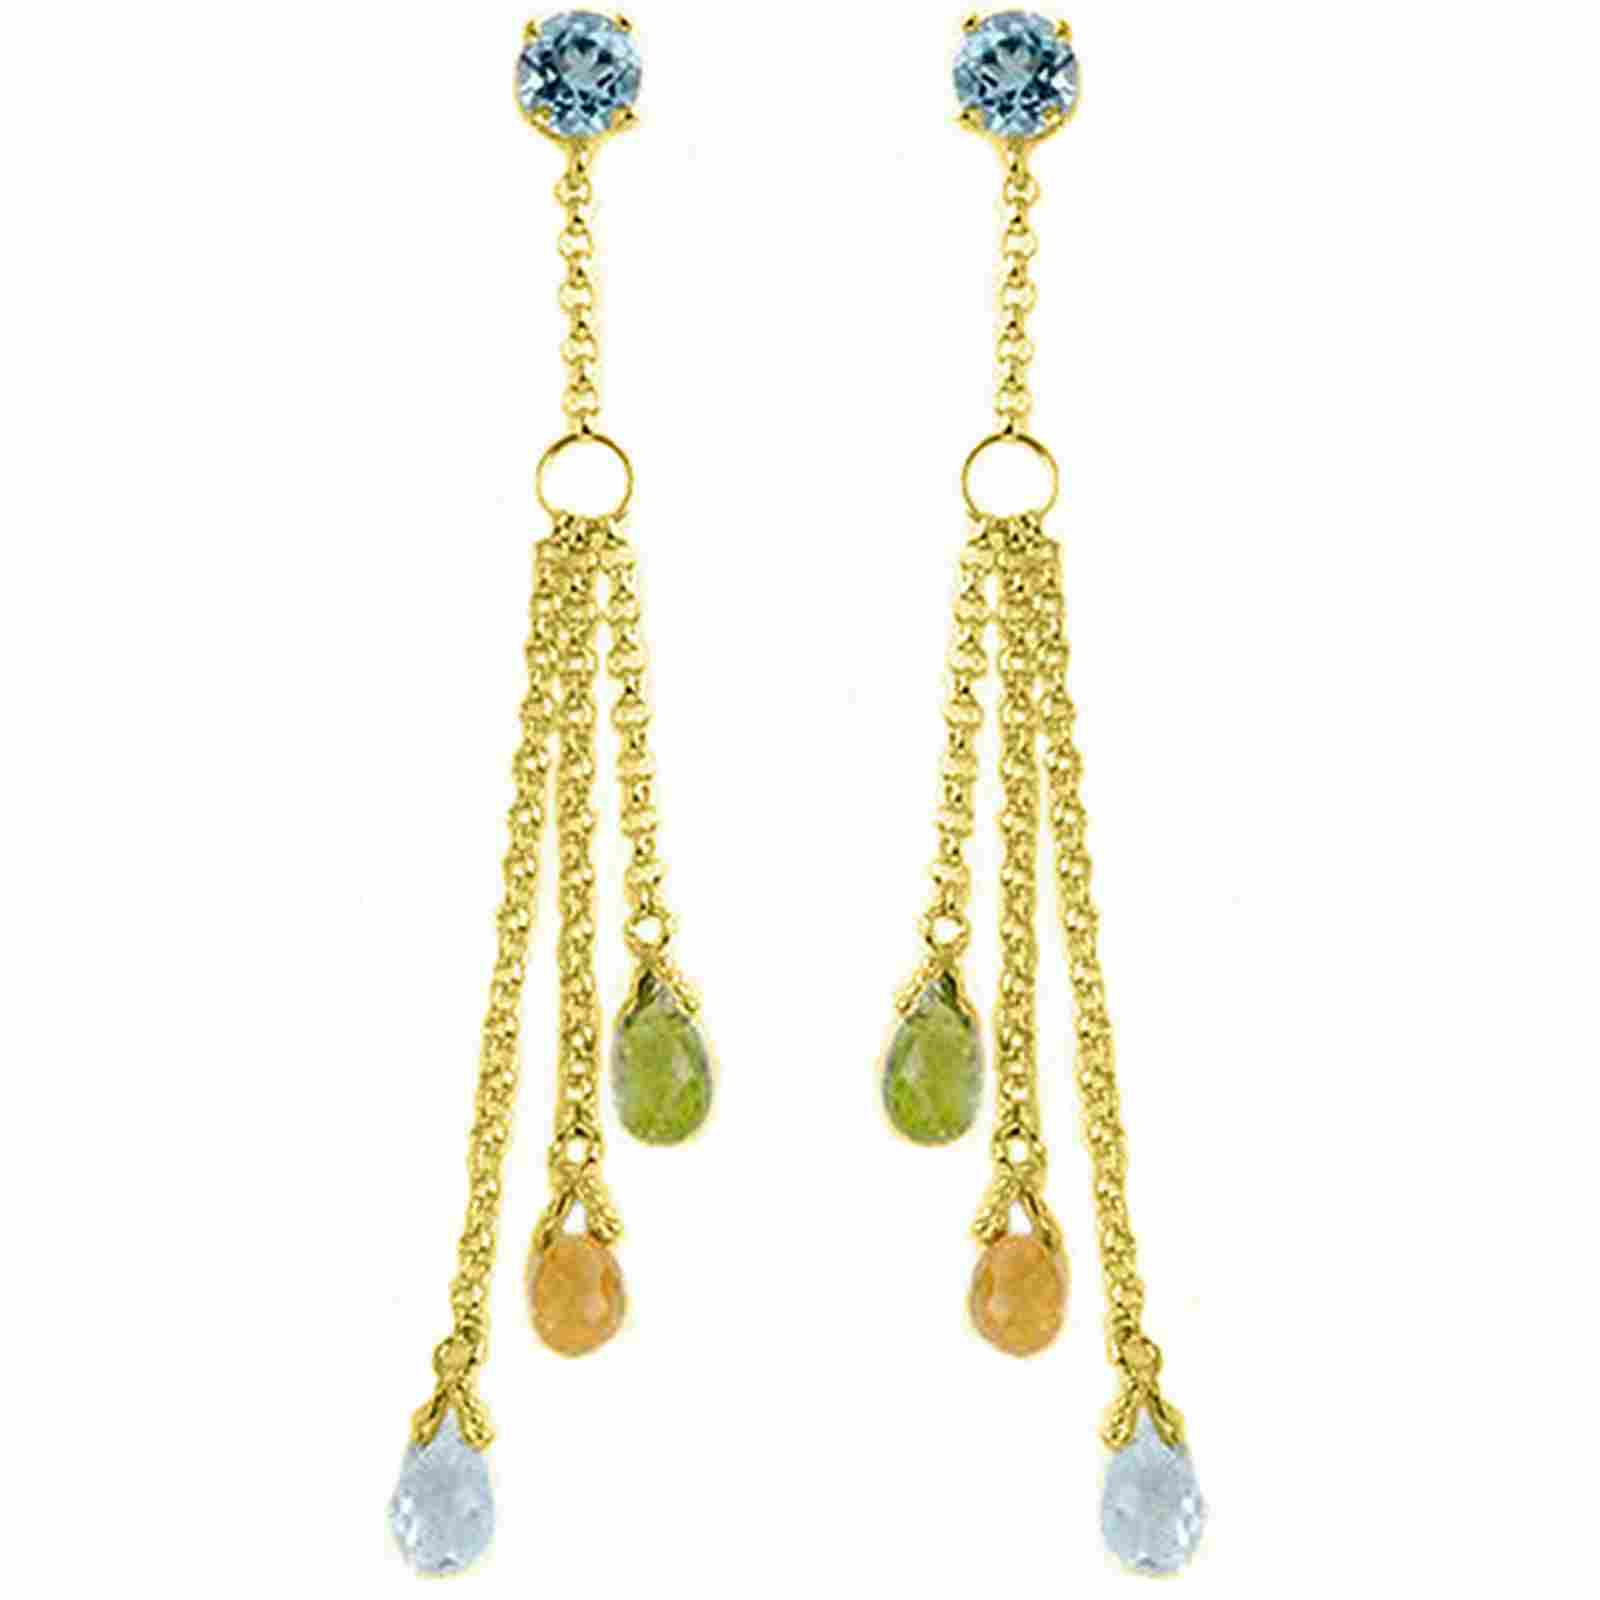 5.75 CTW 14K Solid Gold Chandelier Earrings Blue Topaz